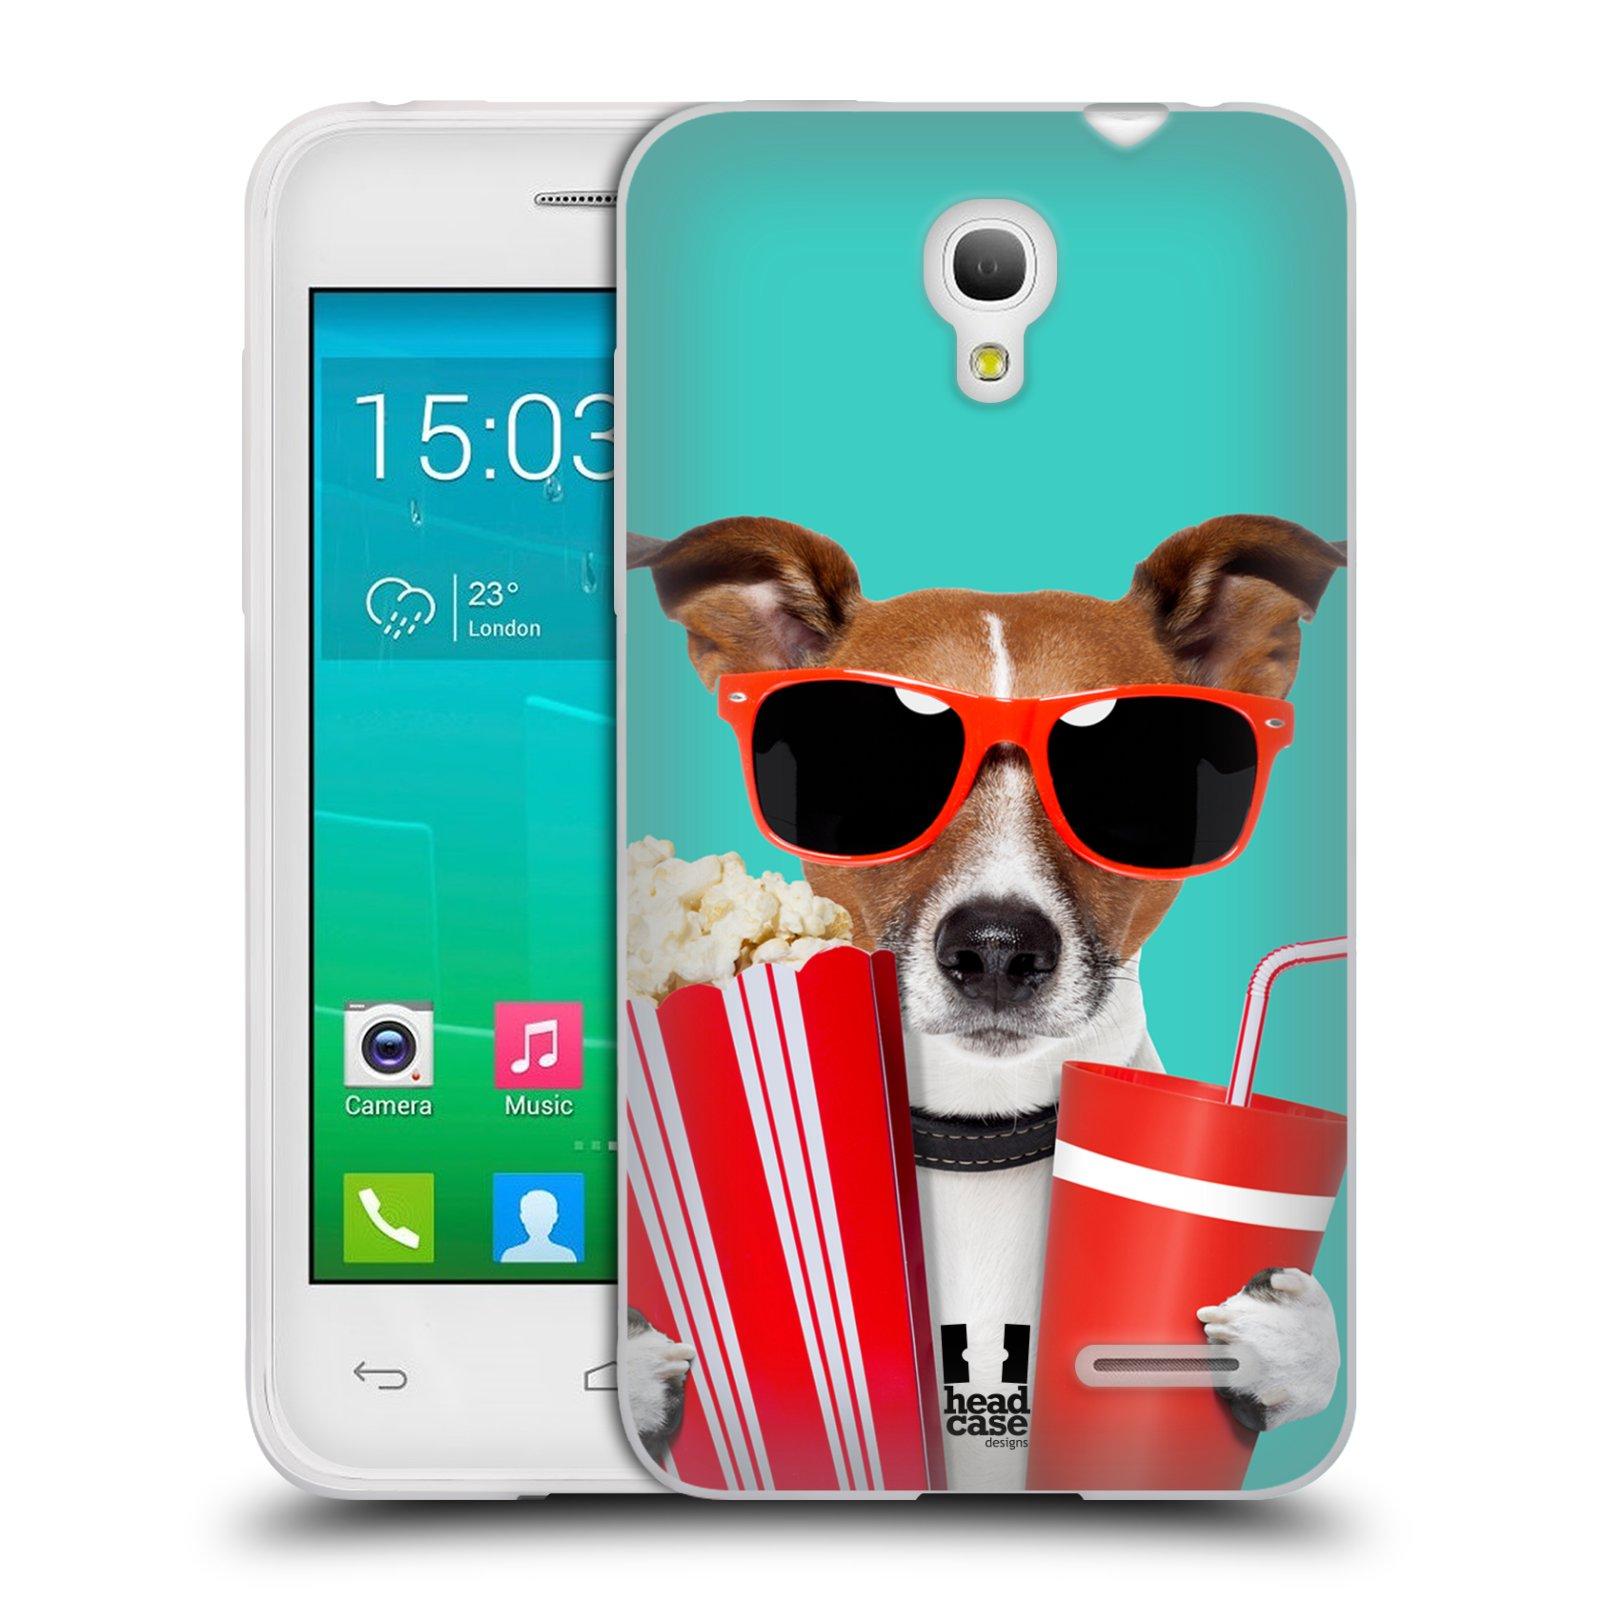 HEAD CASE silikonový obal na mobil Alcatel POP S3 OT-5050Y vzor Legrační zvířátka pejsek v kině s popkornem